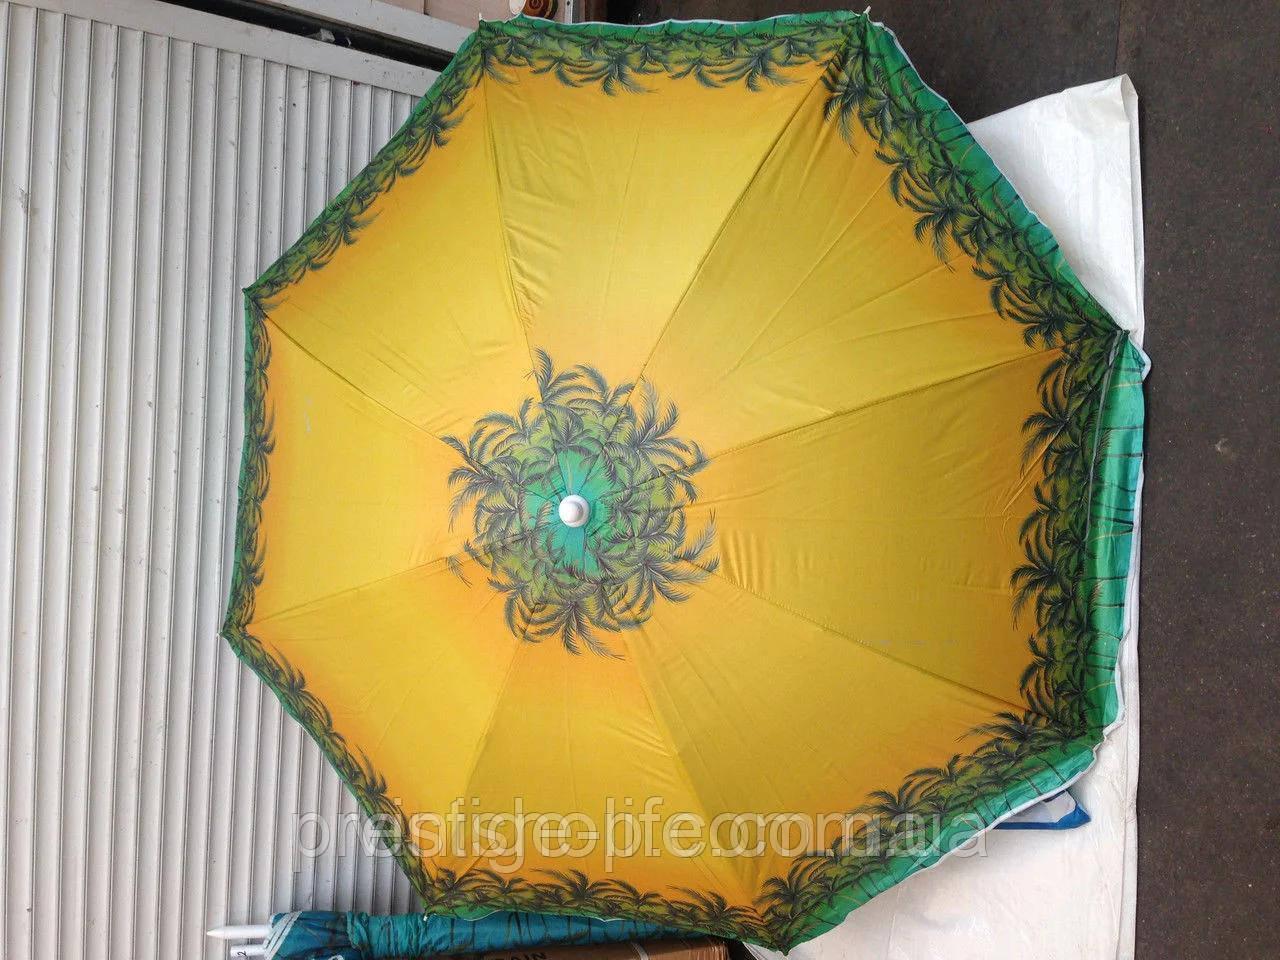 Зонт диаметром 1,7 м. Пластиковые спицы. Серебренное покрытие. Пальмы, фон Жёлтый